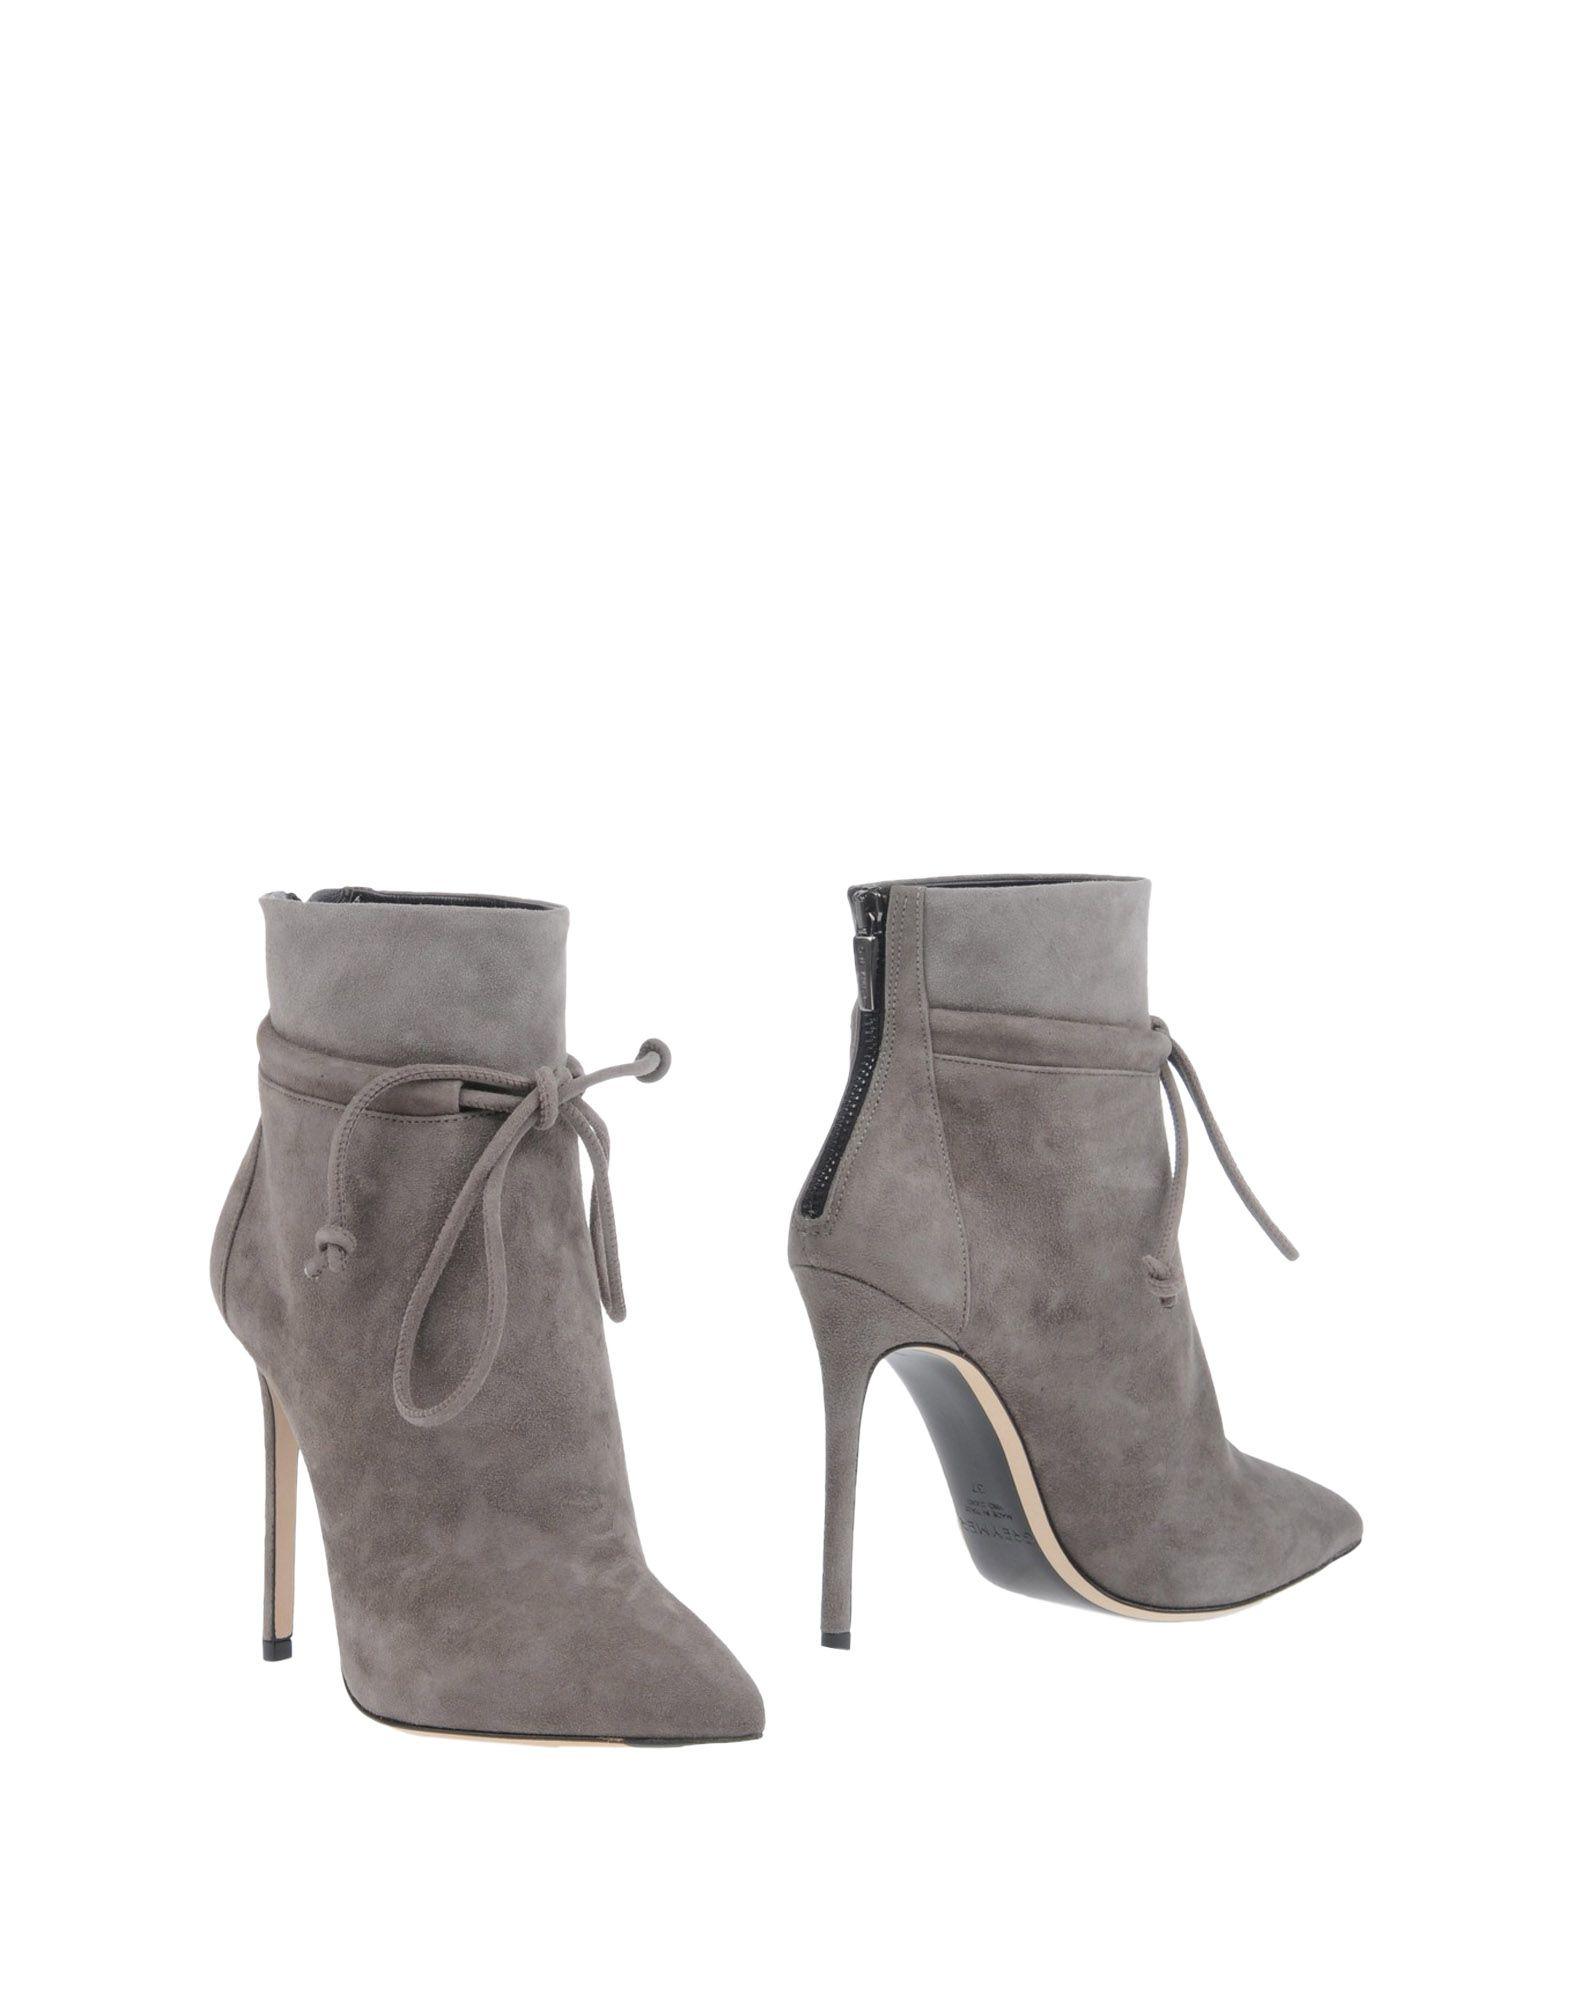 Rabatt Schuhe Grey Mer Stiefelette Damen  11245185HI